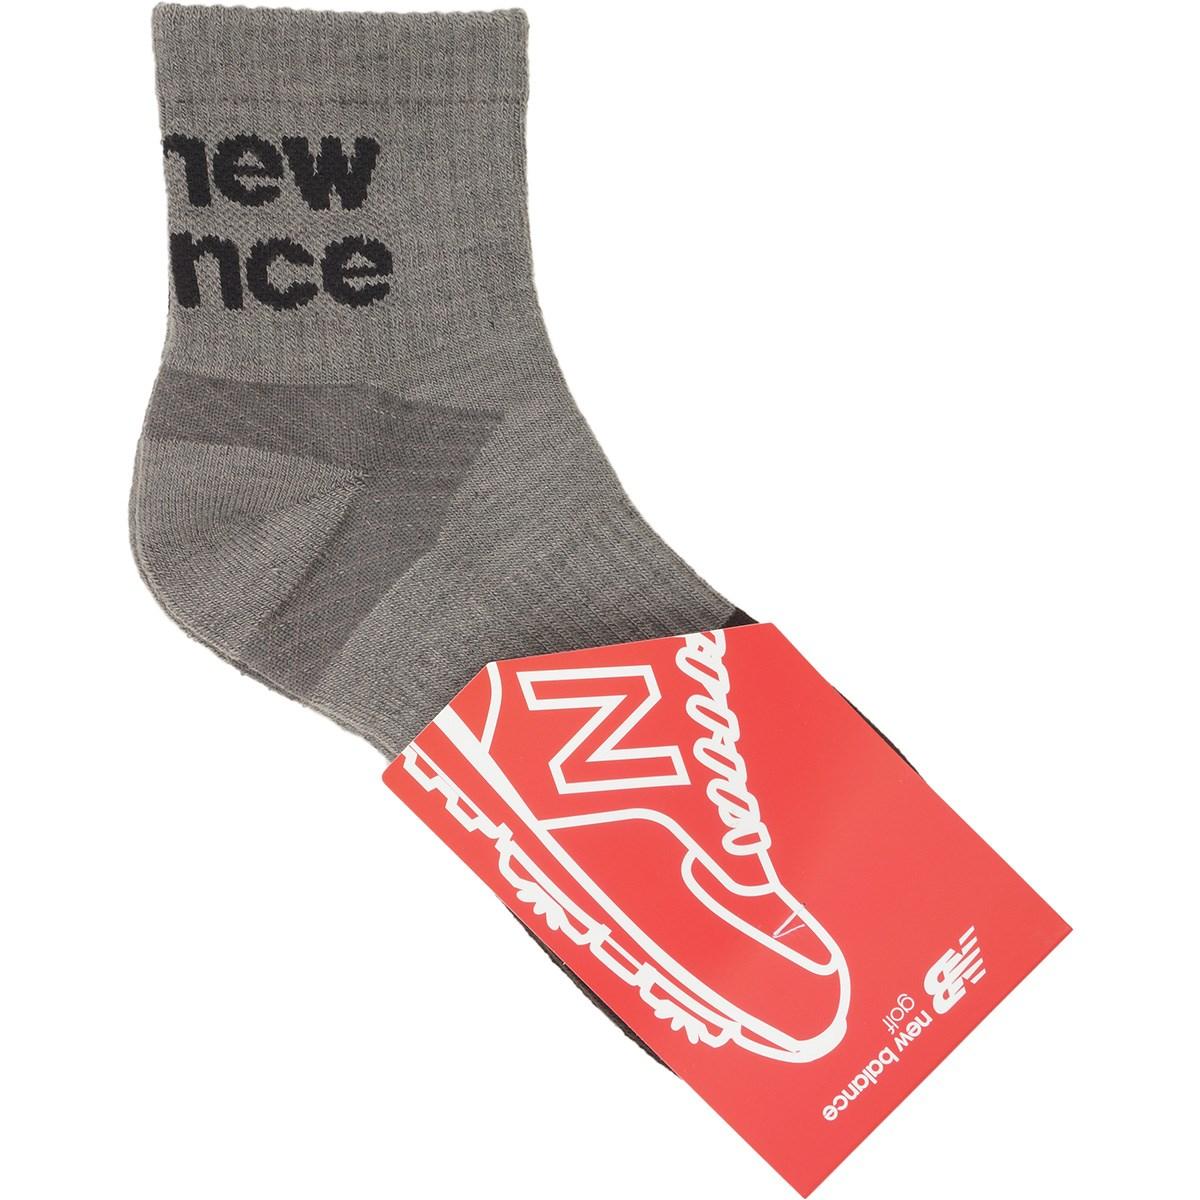 ニューバランス New Balance SPORT ミディアムショートソックス フリー グレー 023